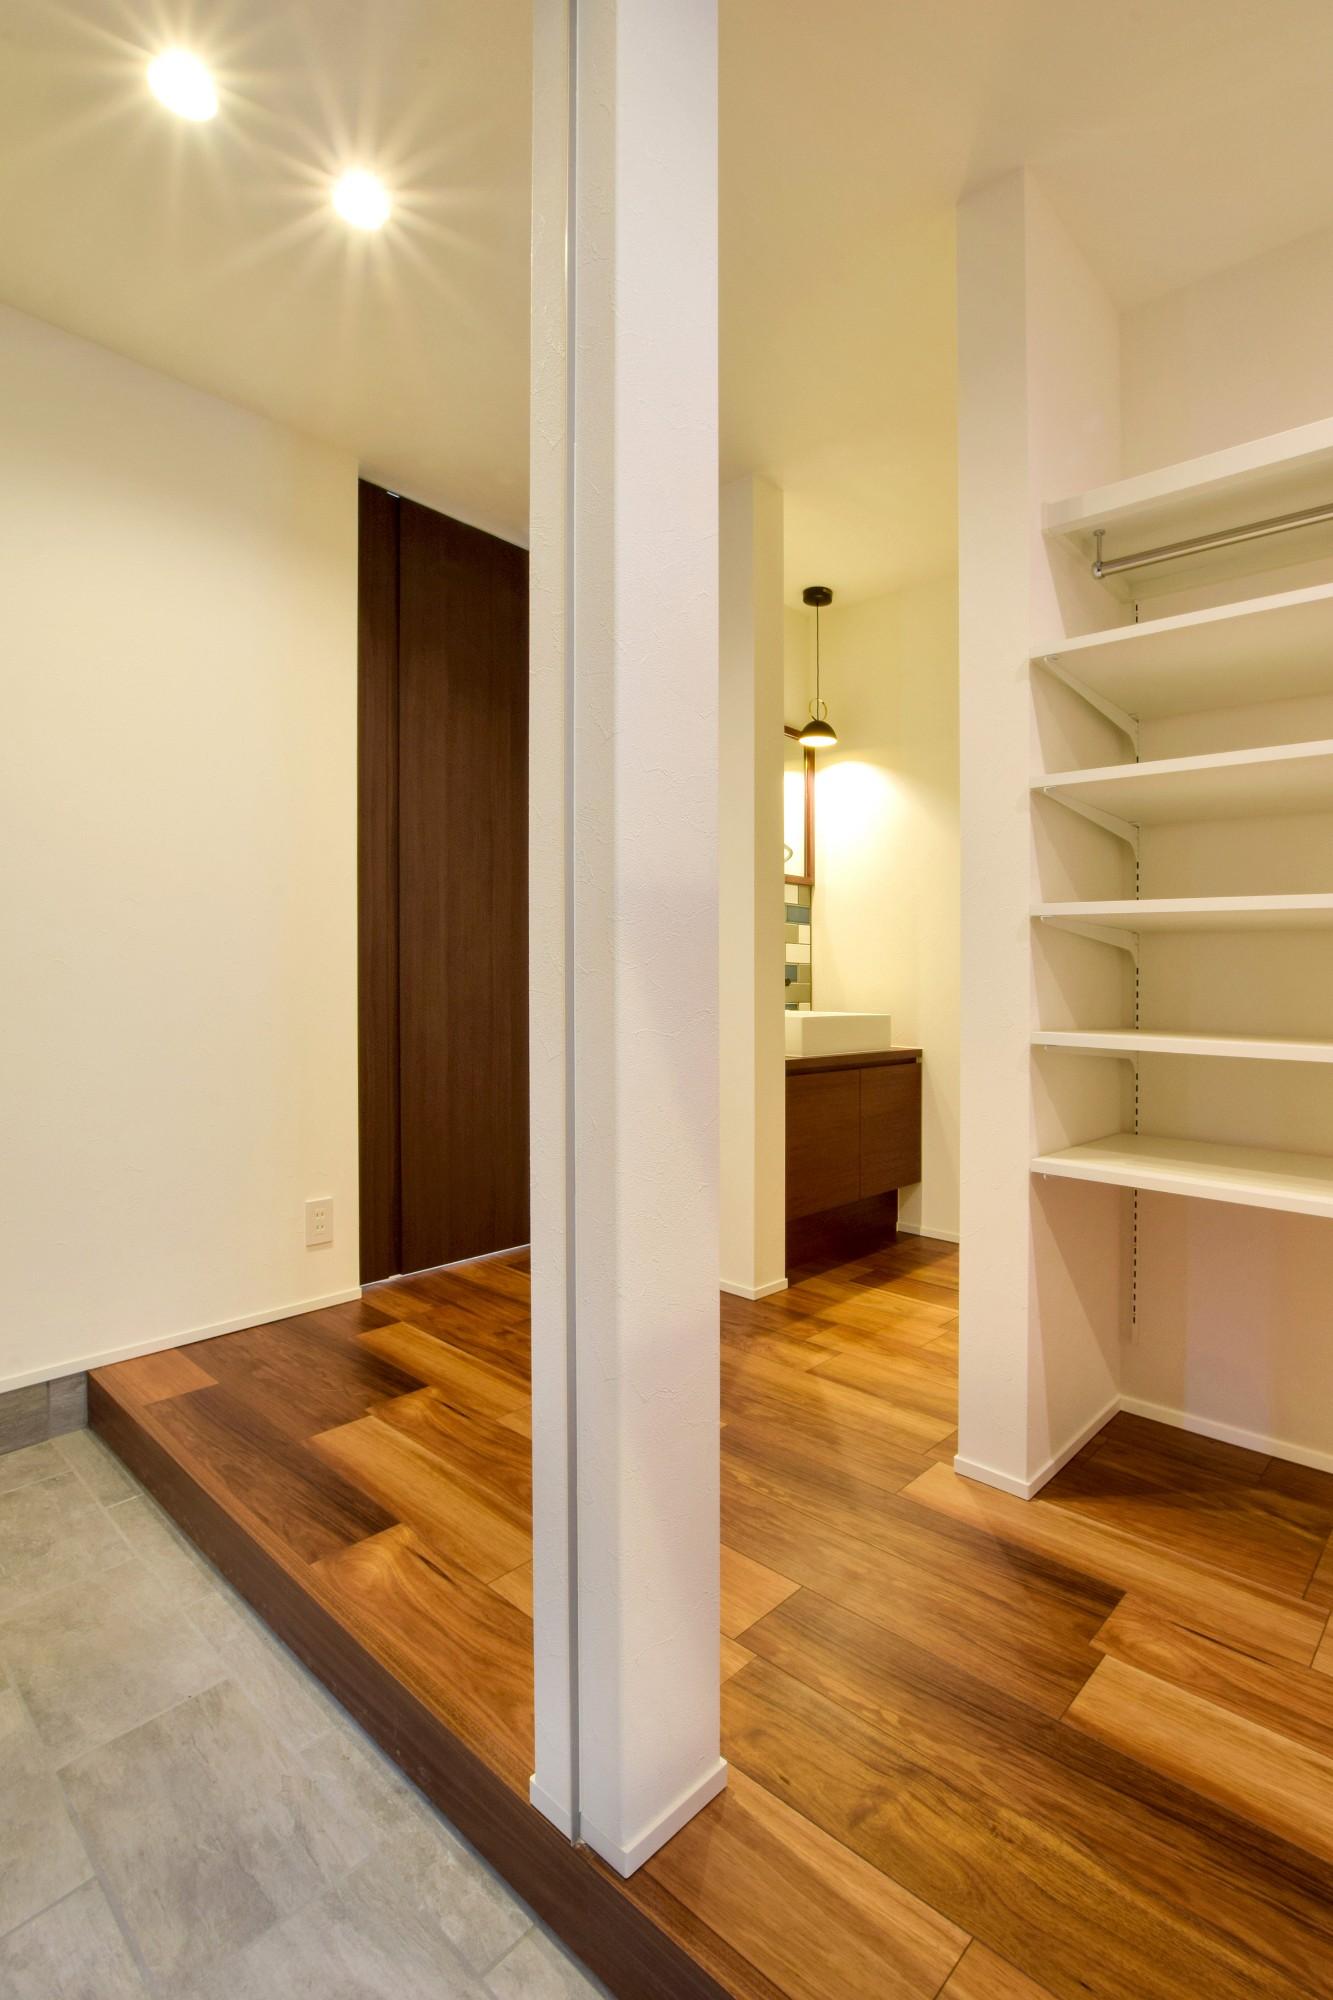 DETAIL HOME(ディテールホーム)「吹抜けのある全館空調の家」のシンプル・ナチュラルな玄関の実例写真